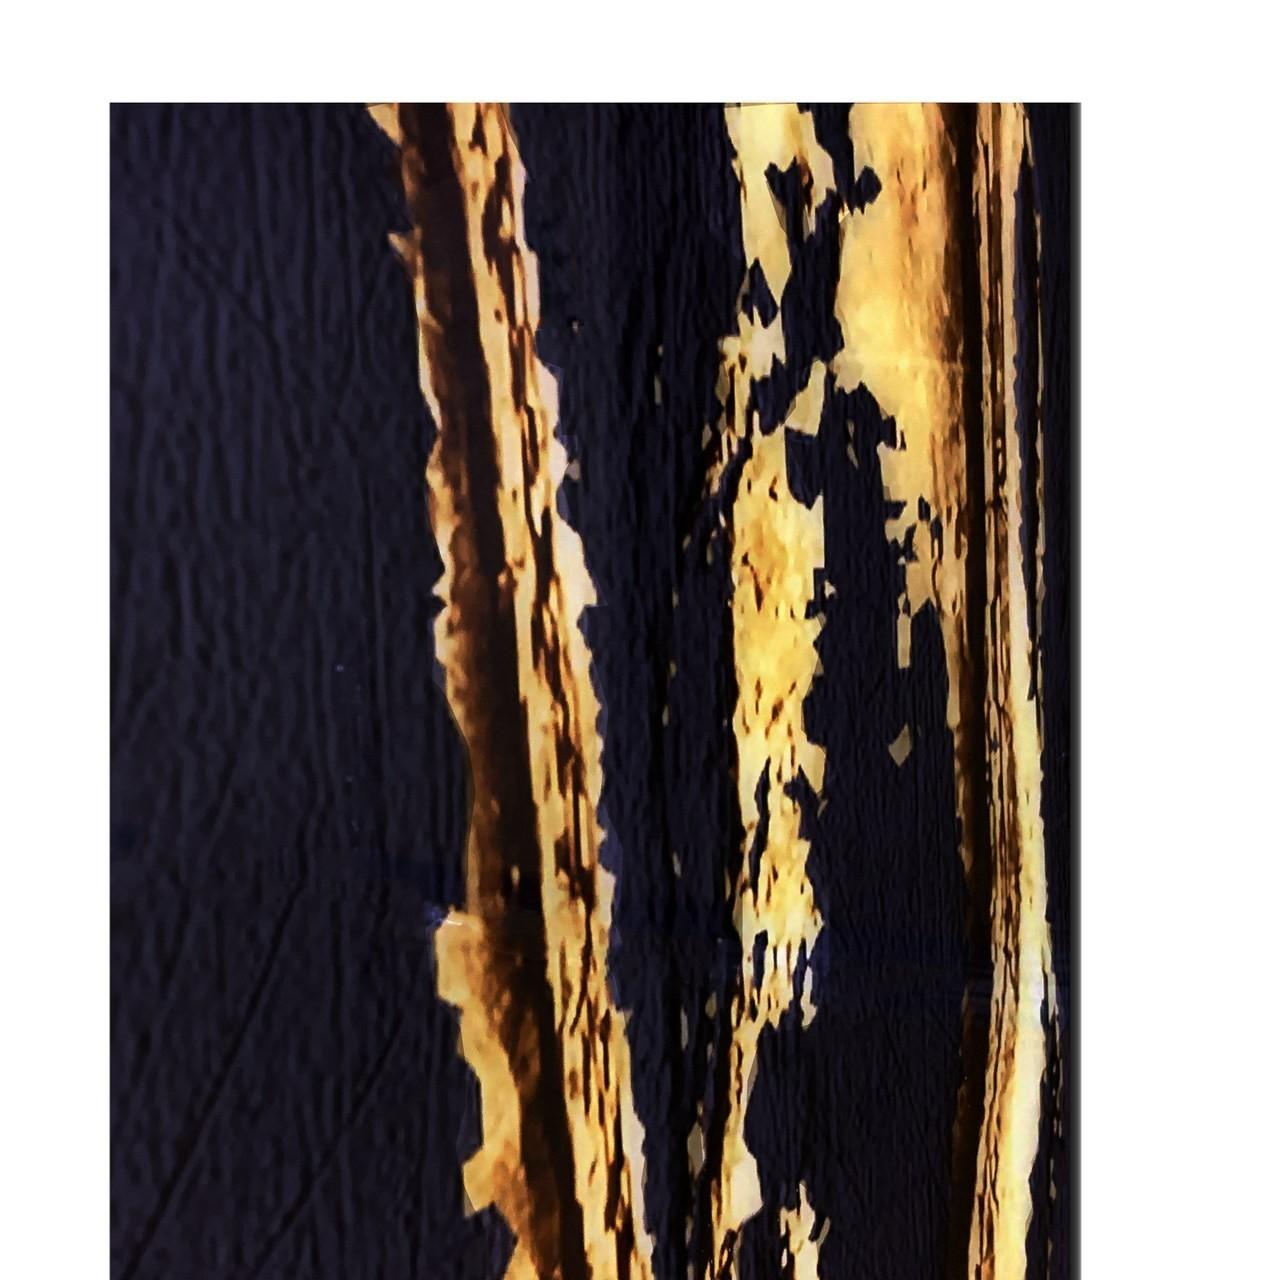 Quadro Decor Veios Dourados Sobre Preto